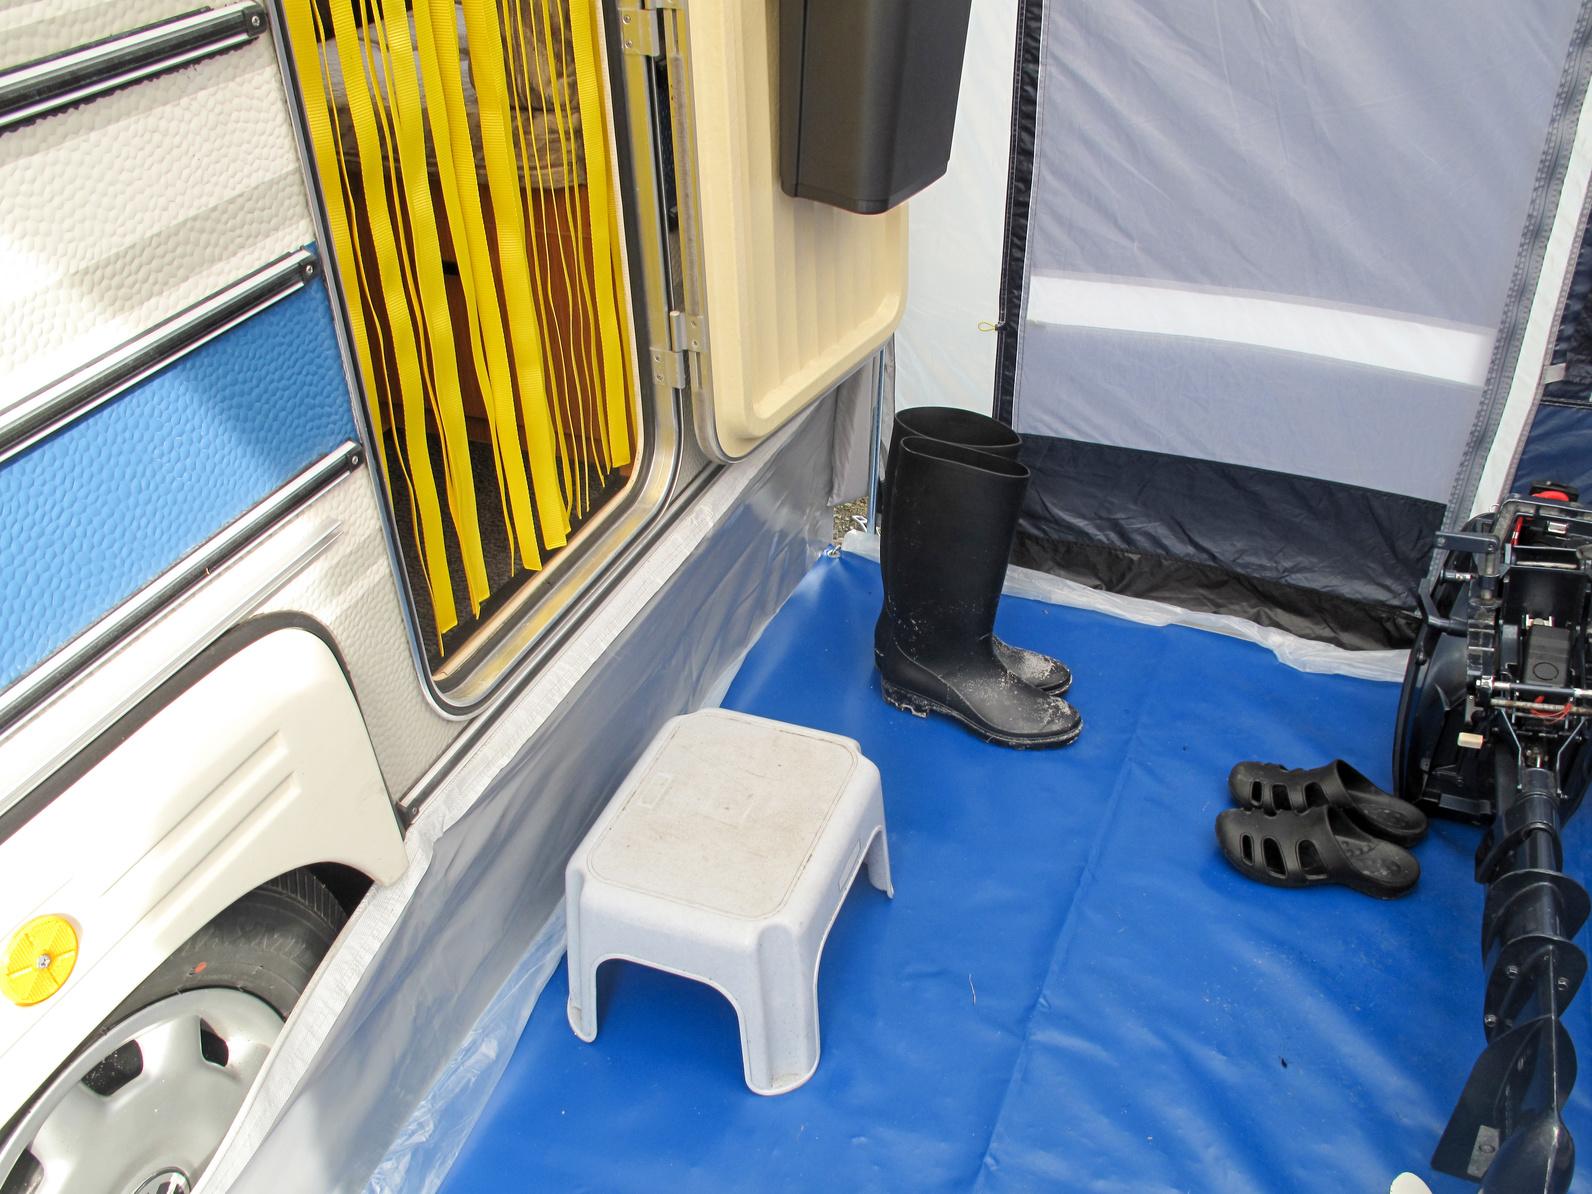 Campingurlaub - Im Vorzelt eines Wohnwagen